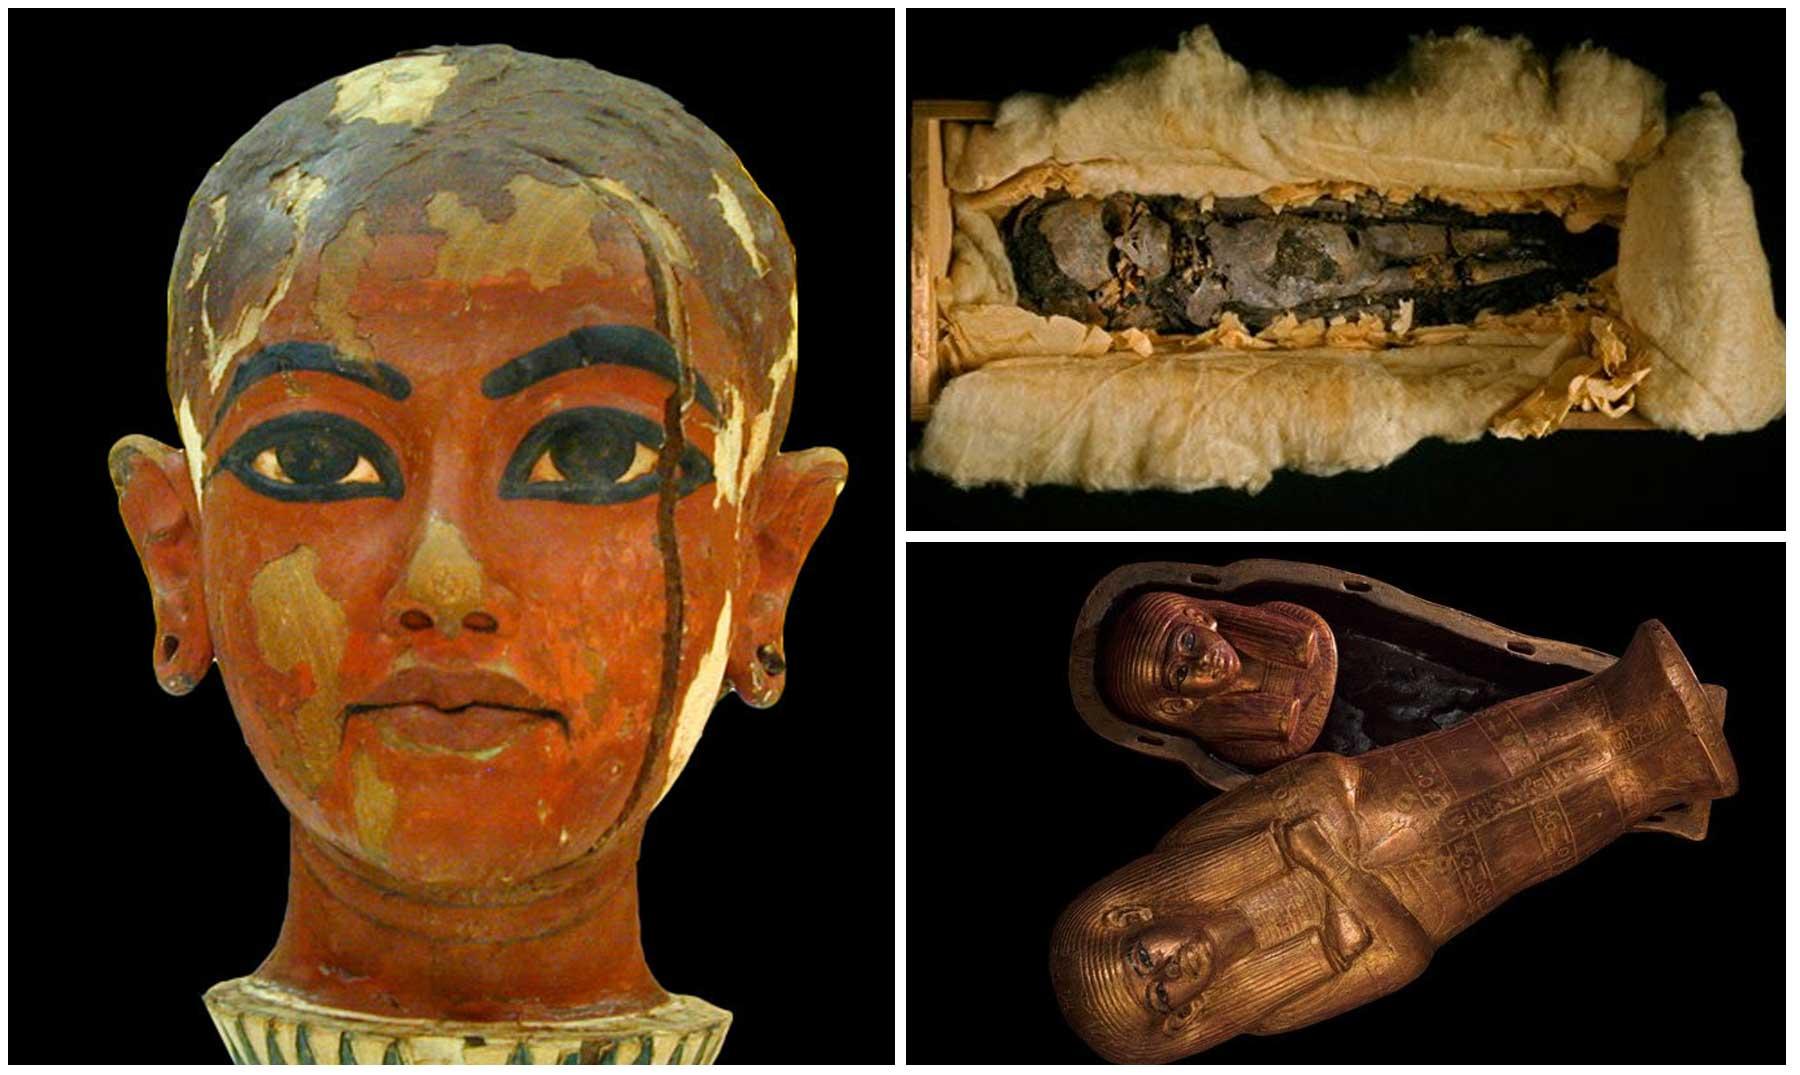 El Faraón Tutankamon Tuvo Hijos La Descendencia De Tutankamon